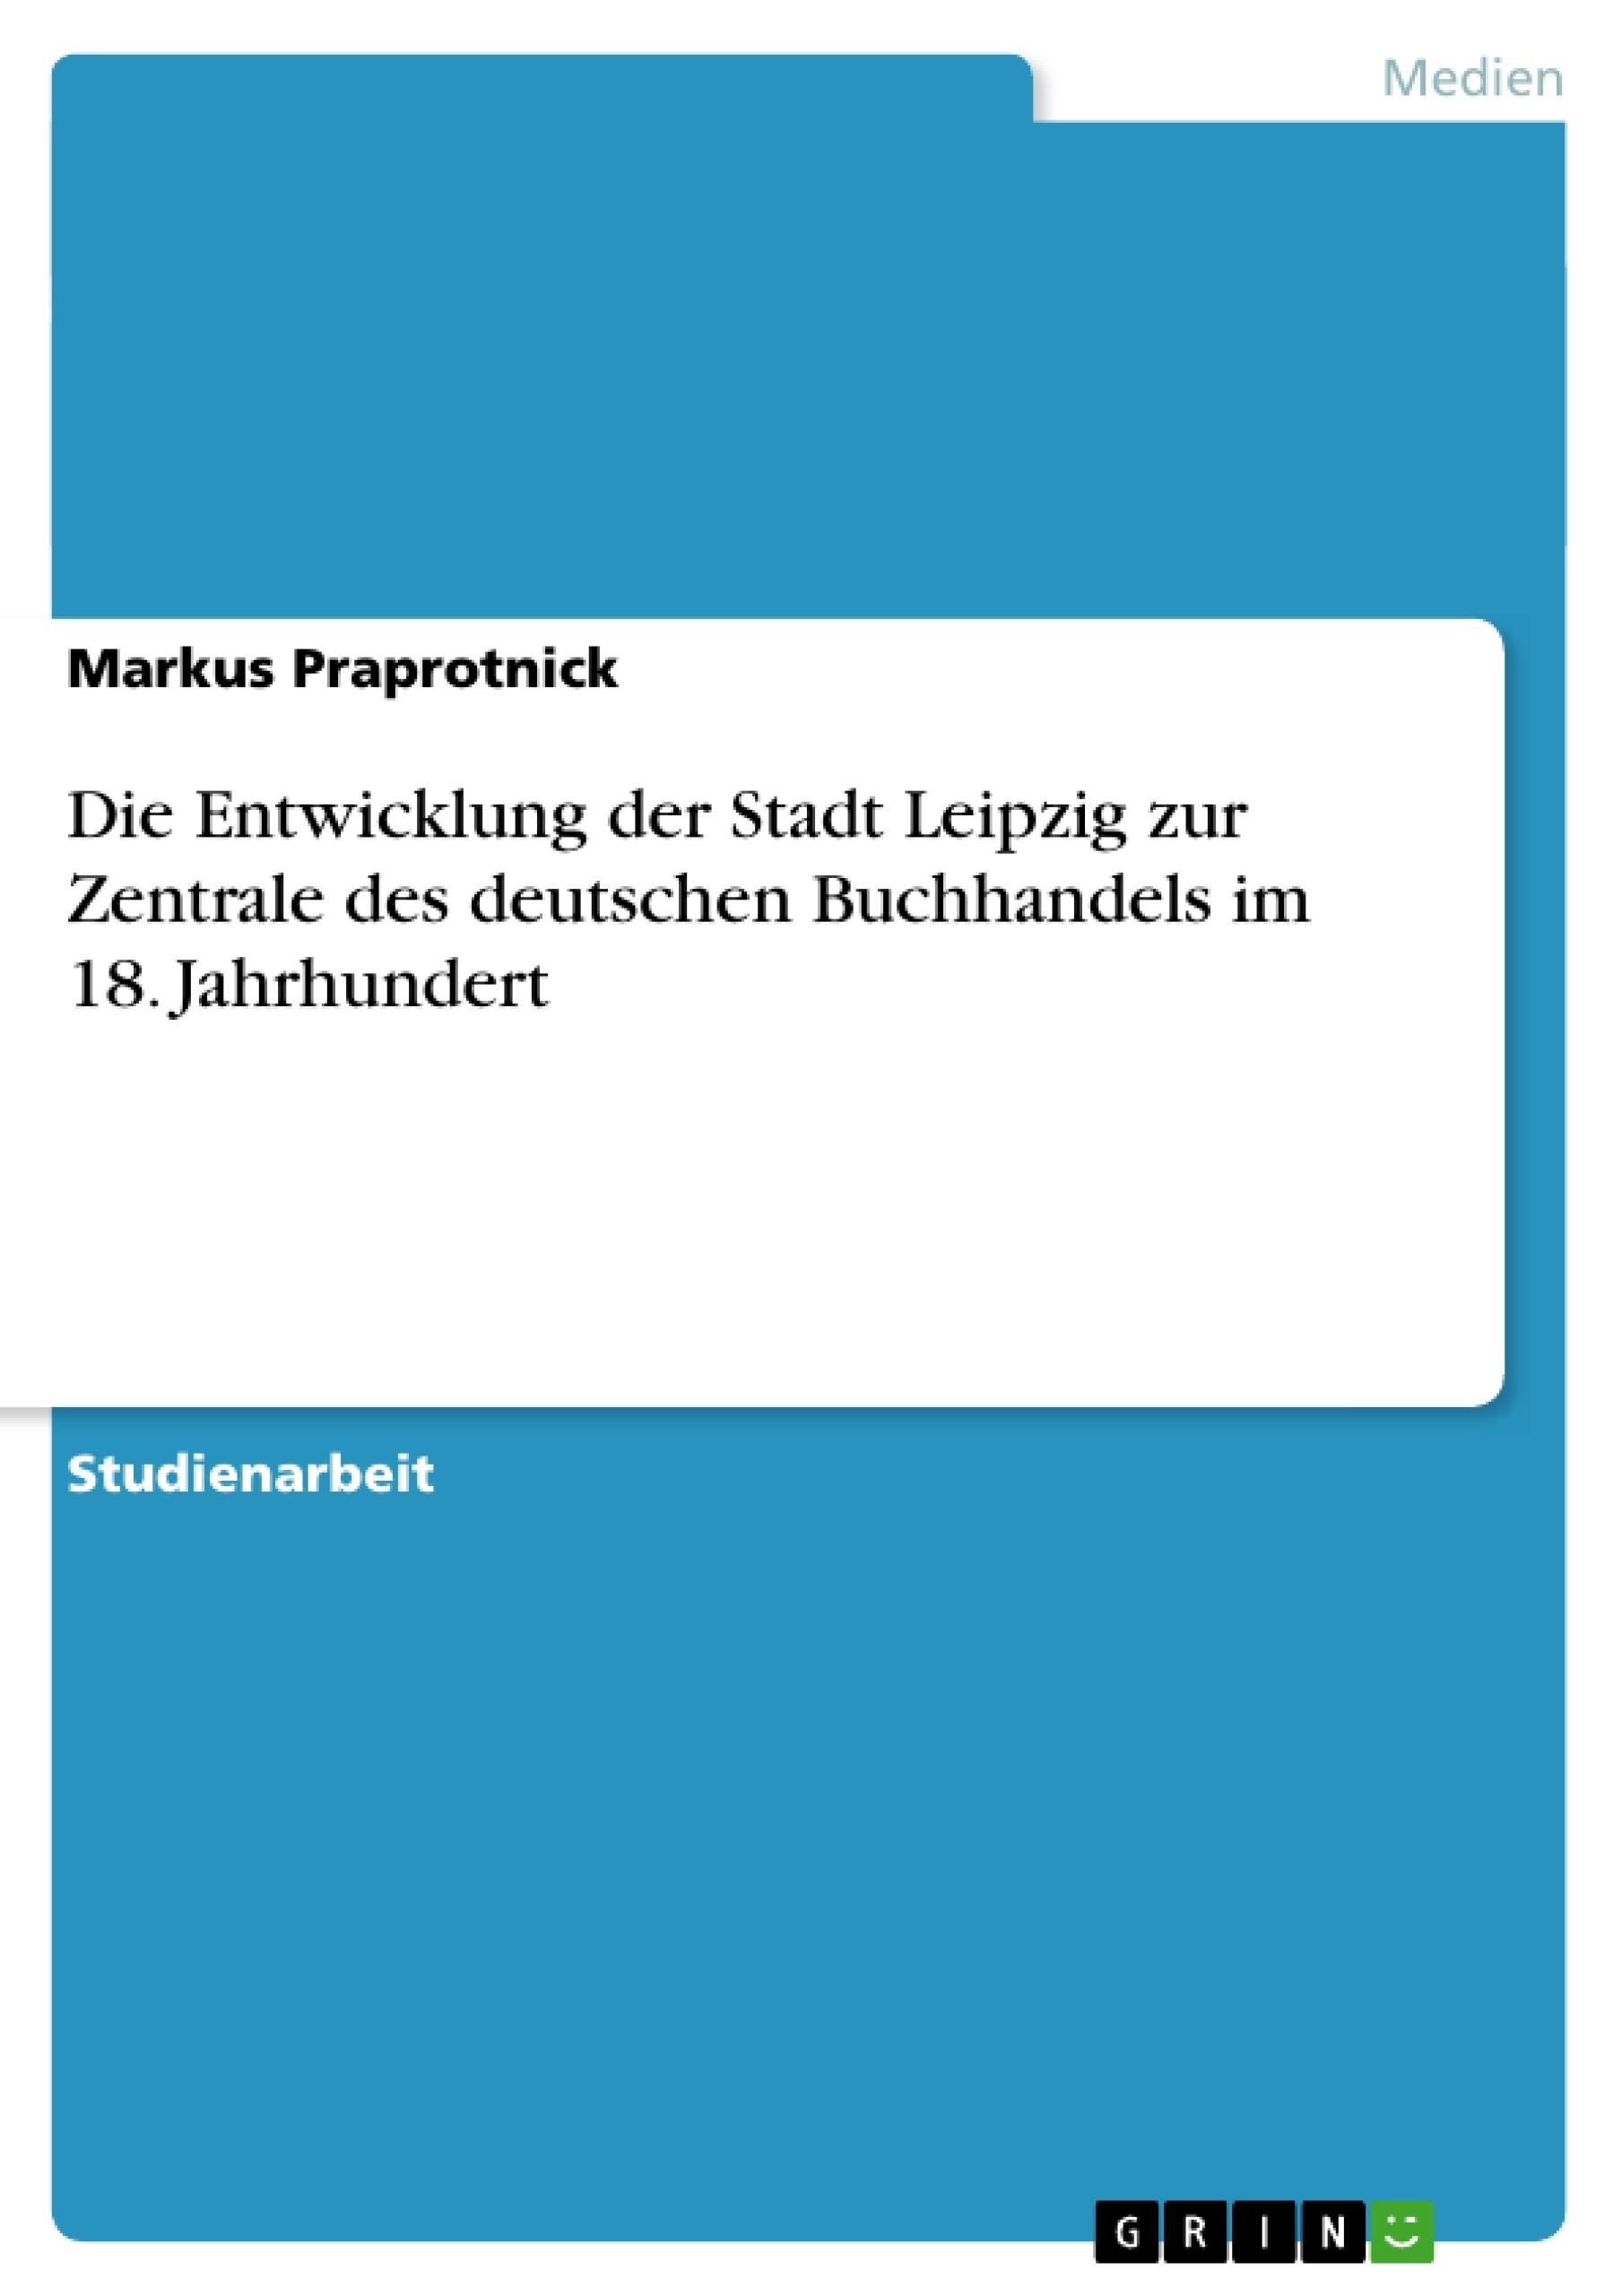 Titel: Die Entwicklung der Stadt Leipzig zur Zentrale des deutschen Buchhandels im 18. Jahrhundert